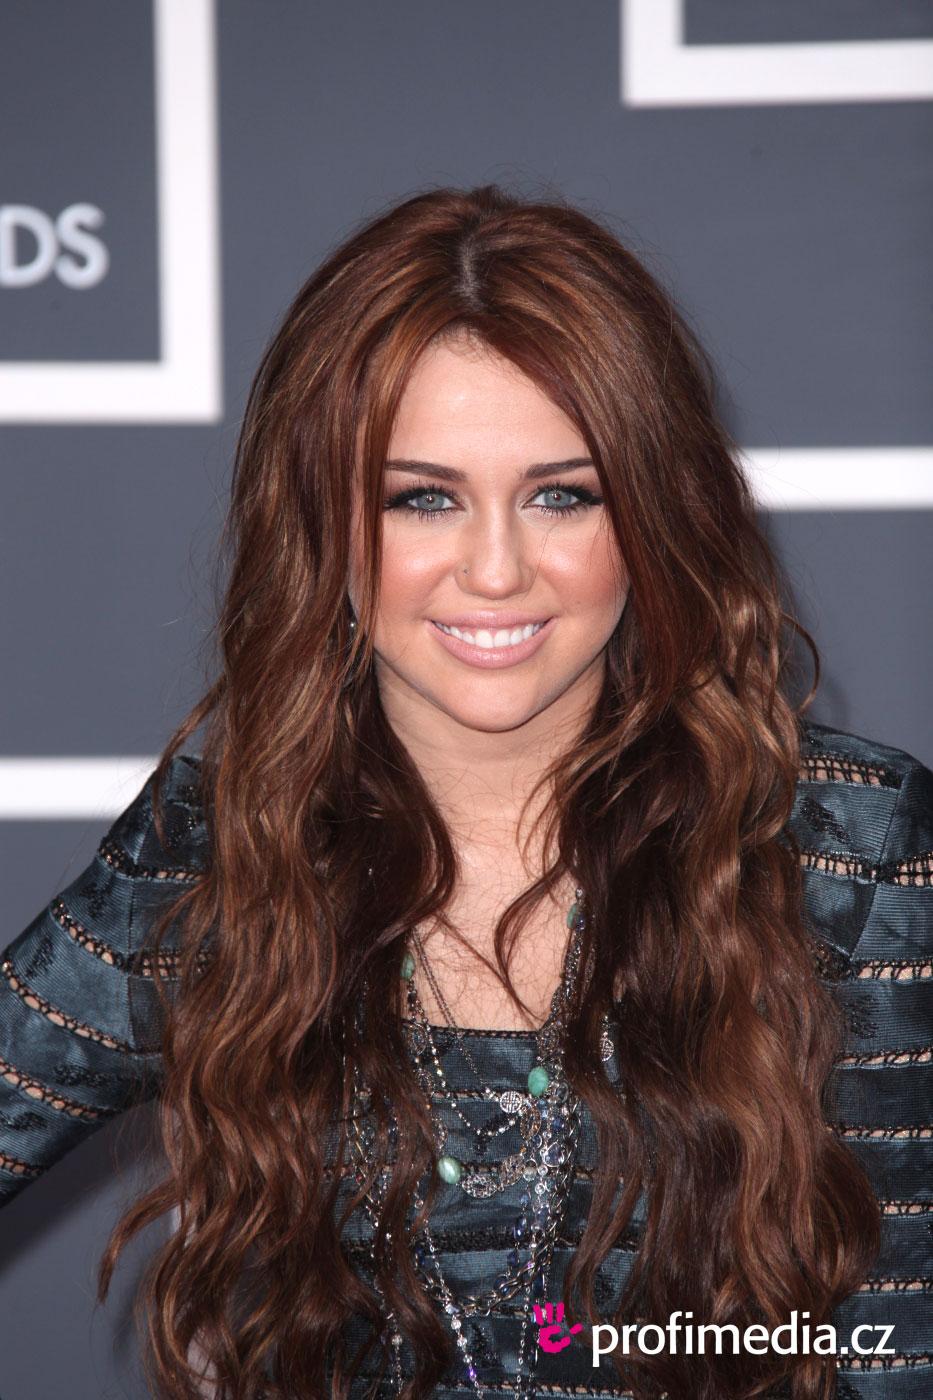 Miley Cyrus i Liam Hemsworth wzięli Ślub?! Miley komentuje